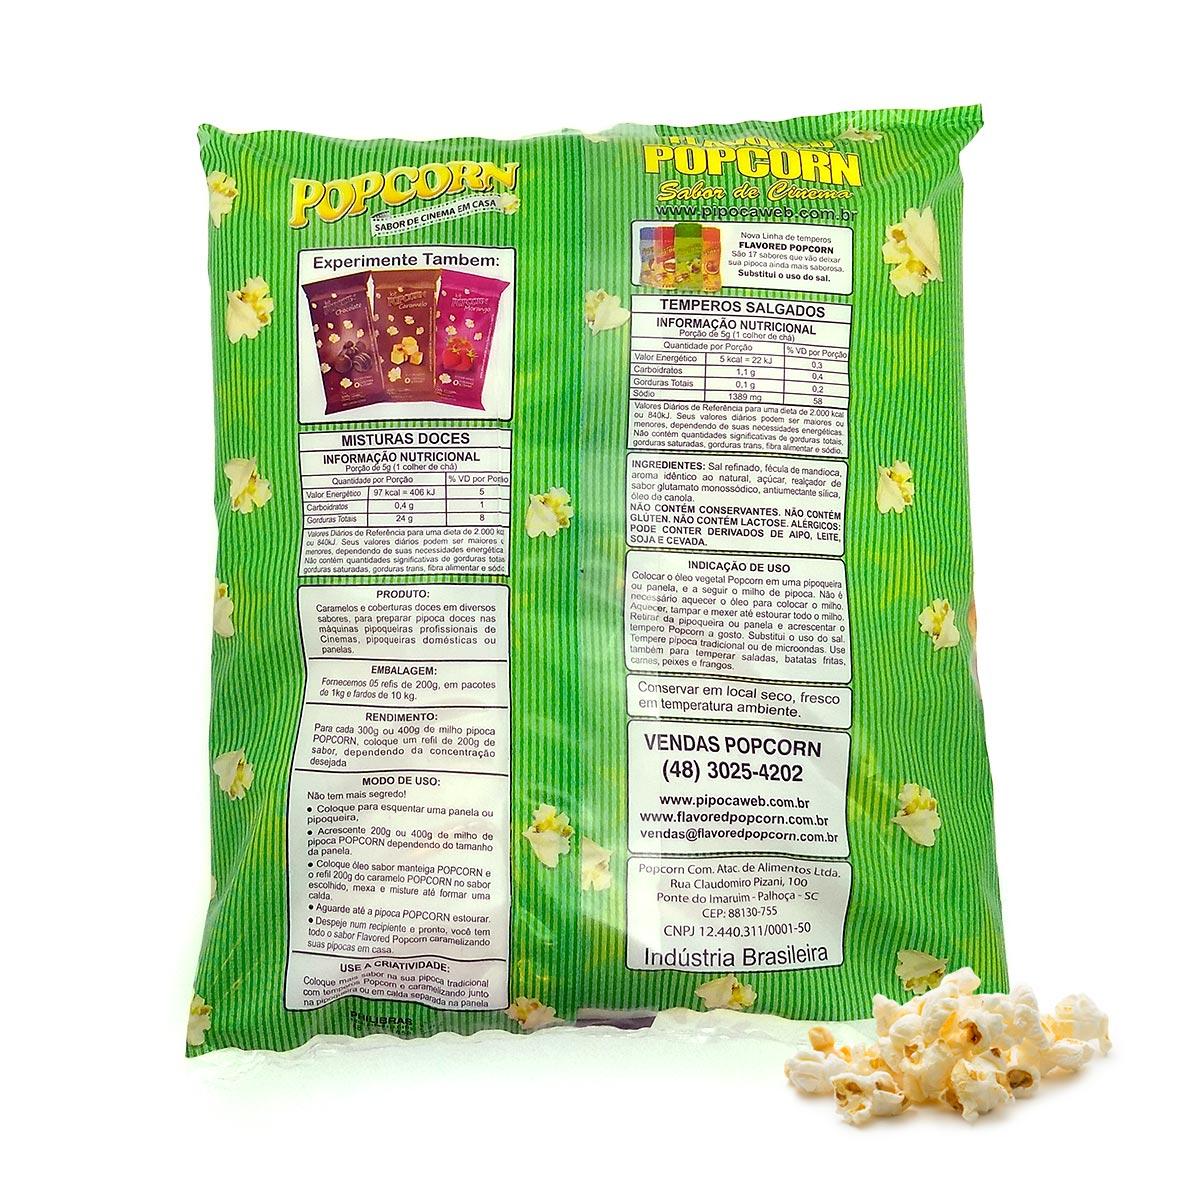 Sabores p/ caramelizar Pipoca Doce - Morango - 1kg